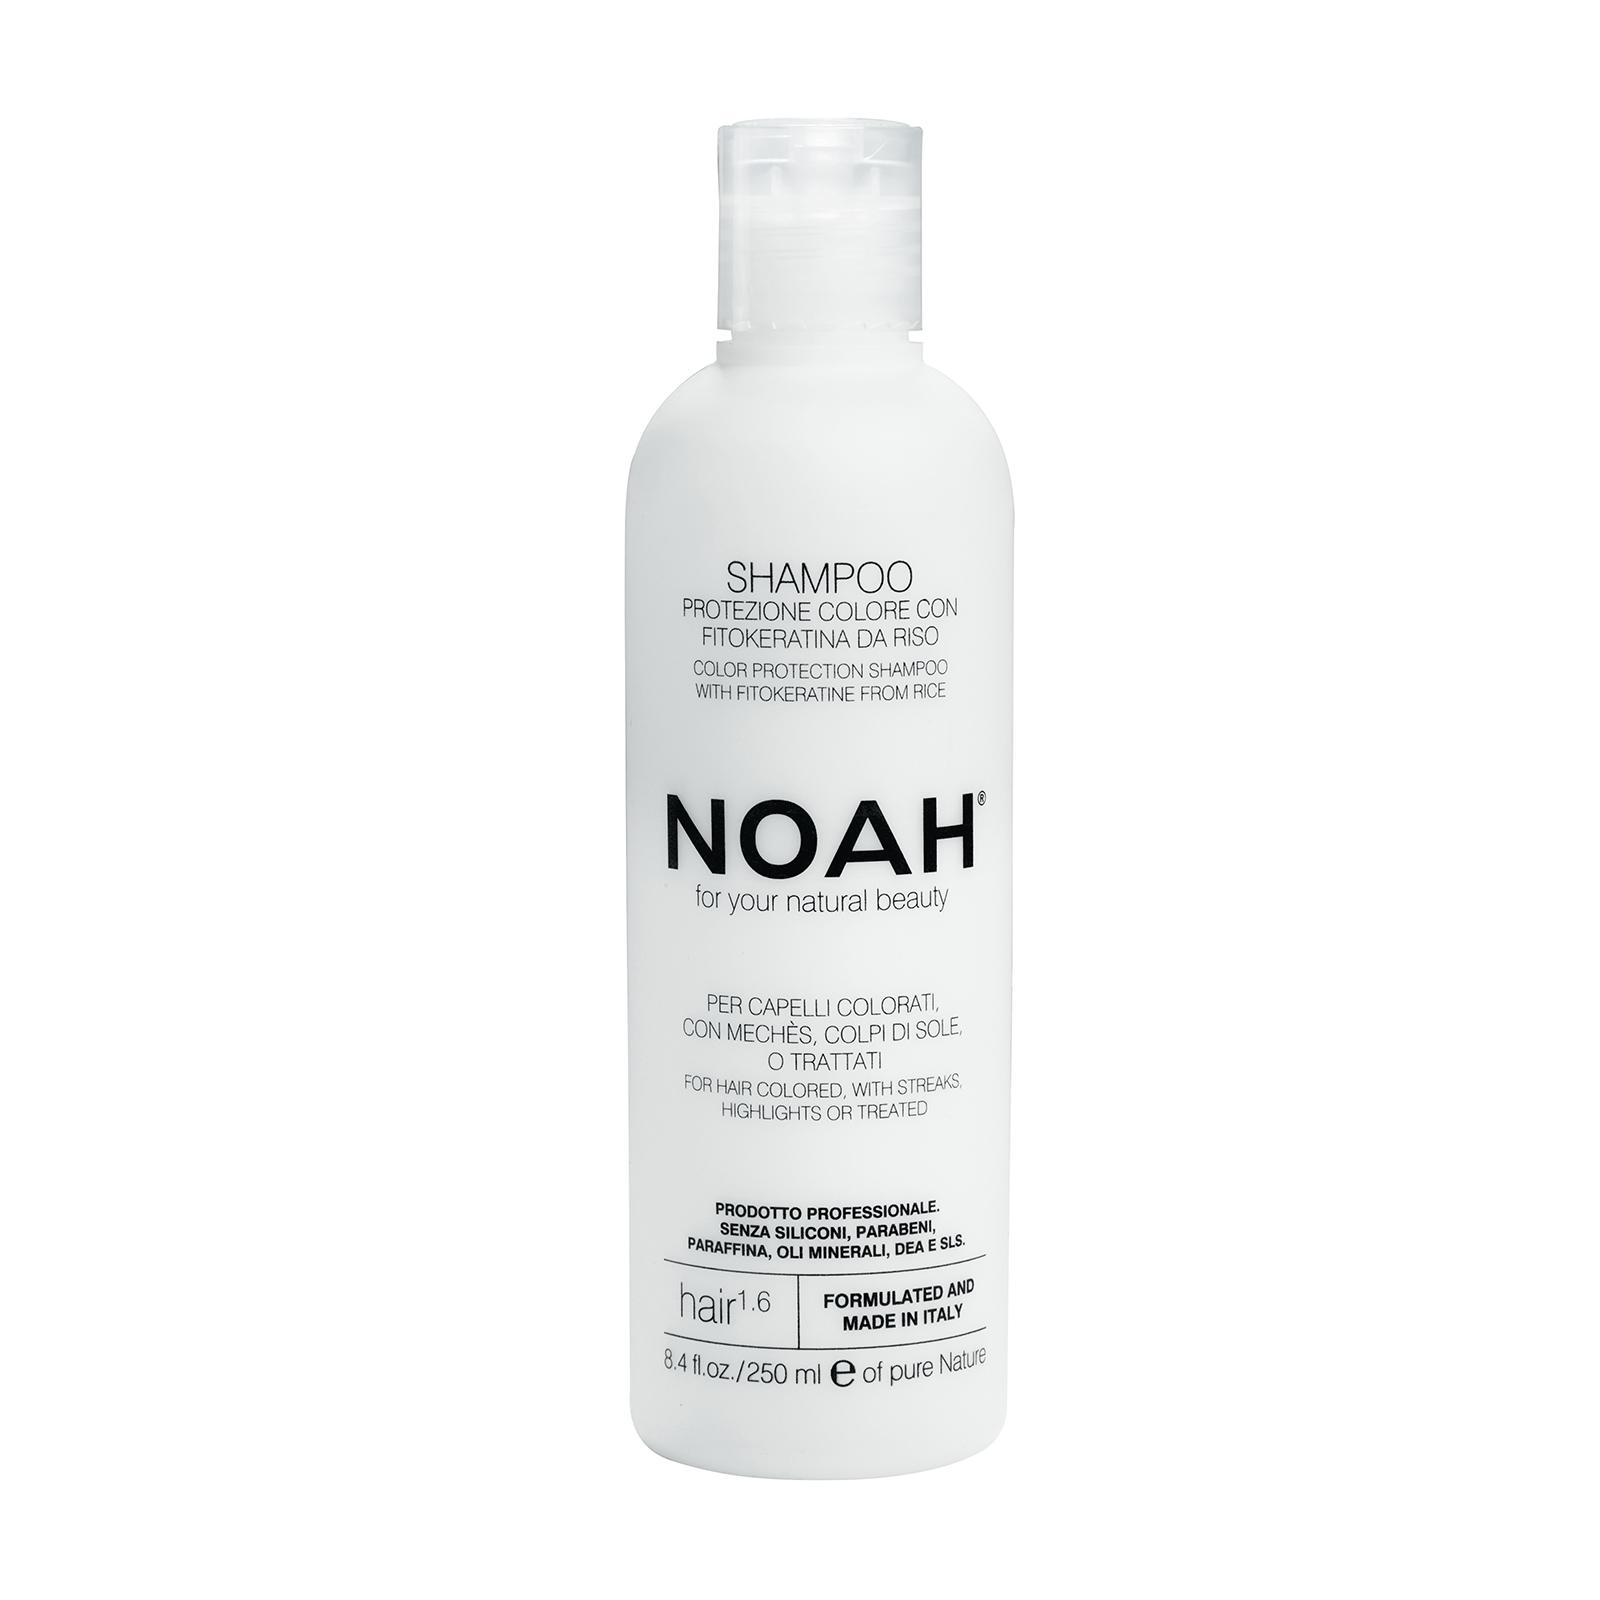 Šampūnas NOAH dažytiems ir sruogelėmis dažytiems plaukams, 250 ml